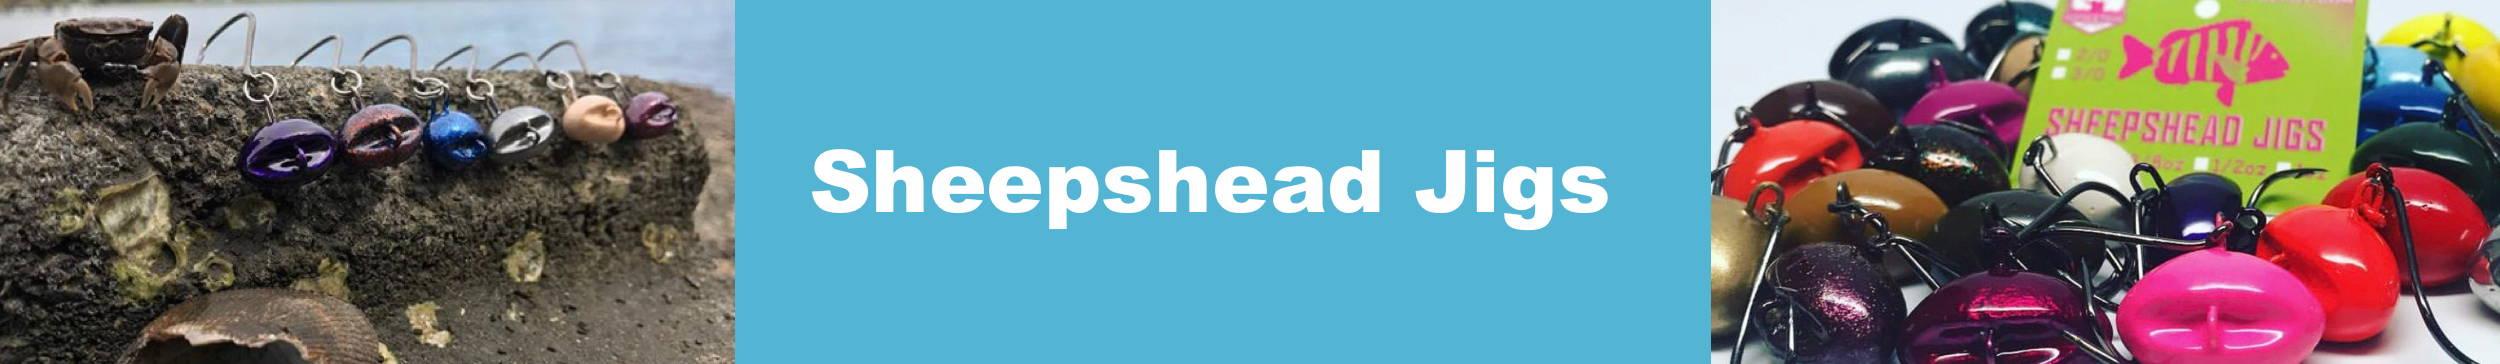 Sheepshead Jigs | Ultimate Swing Jigs